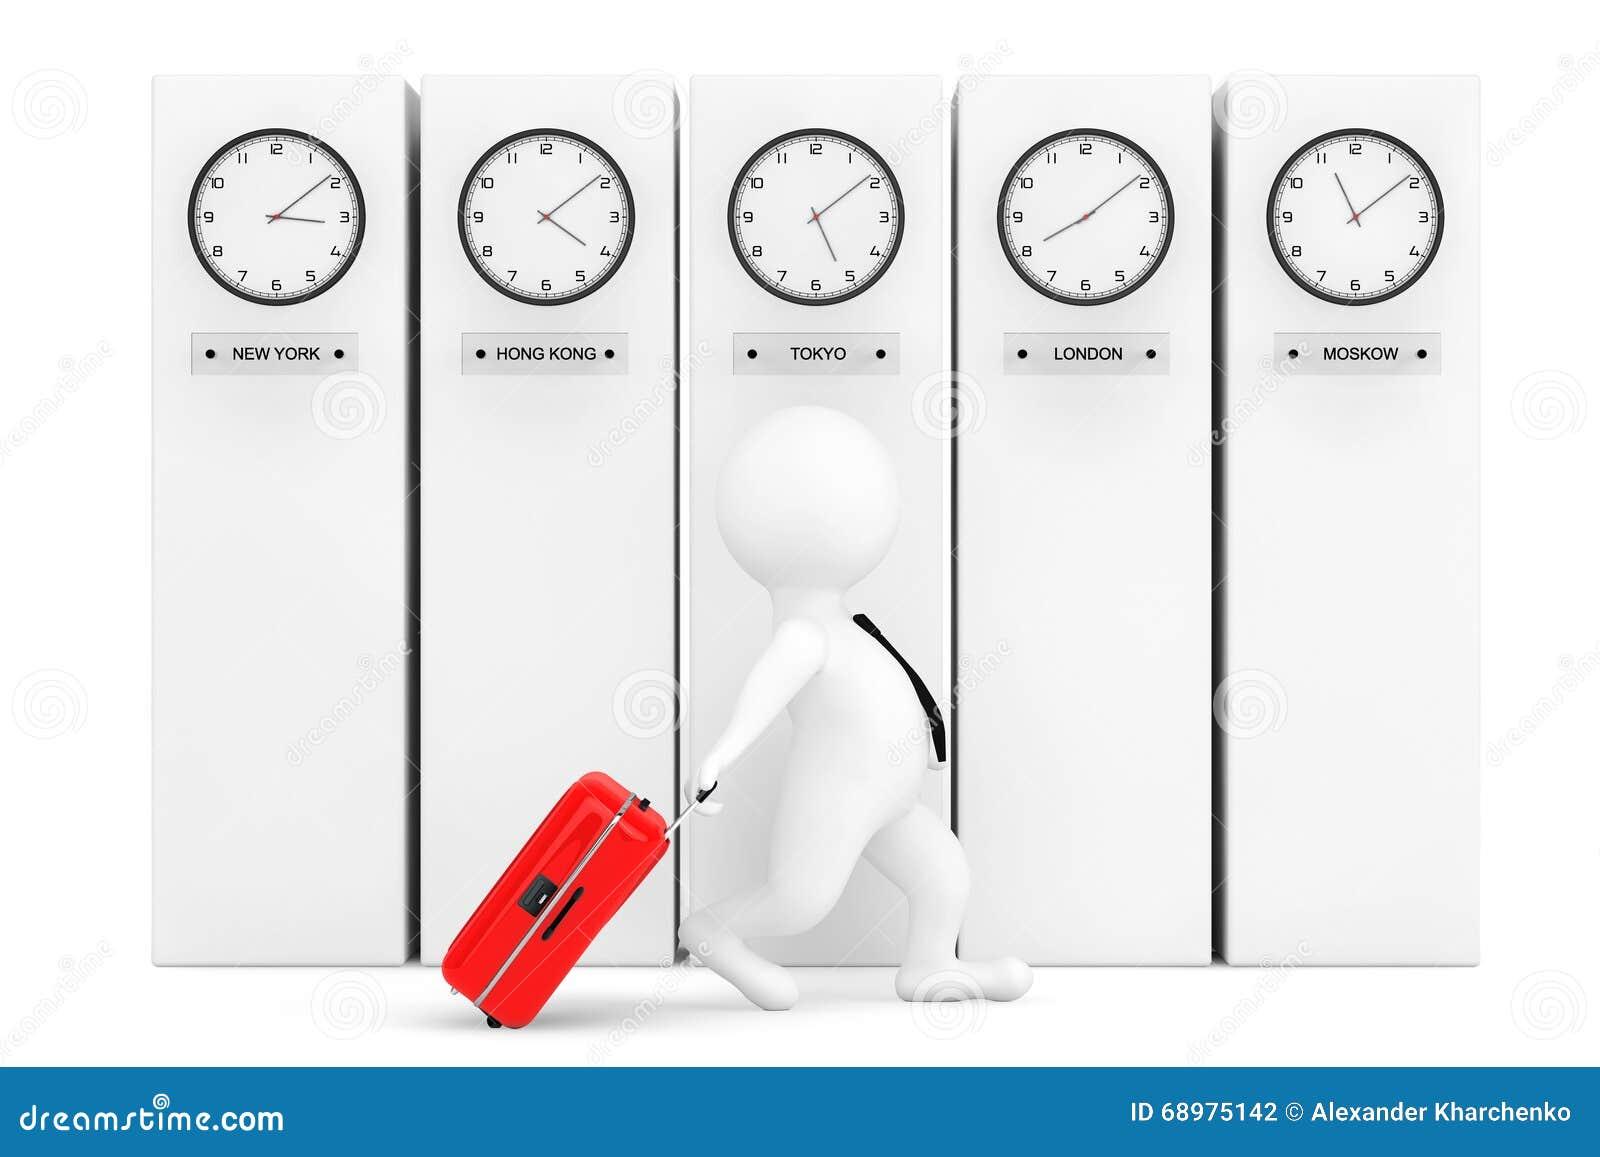 Persona 3d con la maleta delante de columnas con el reloj de la zona horaria